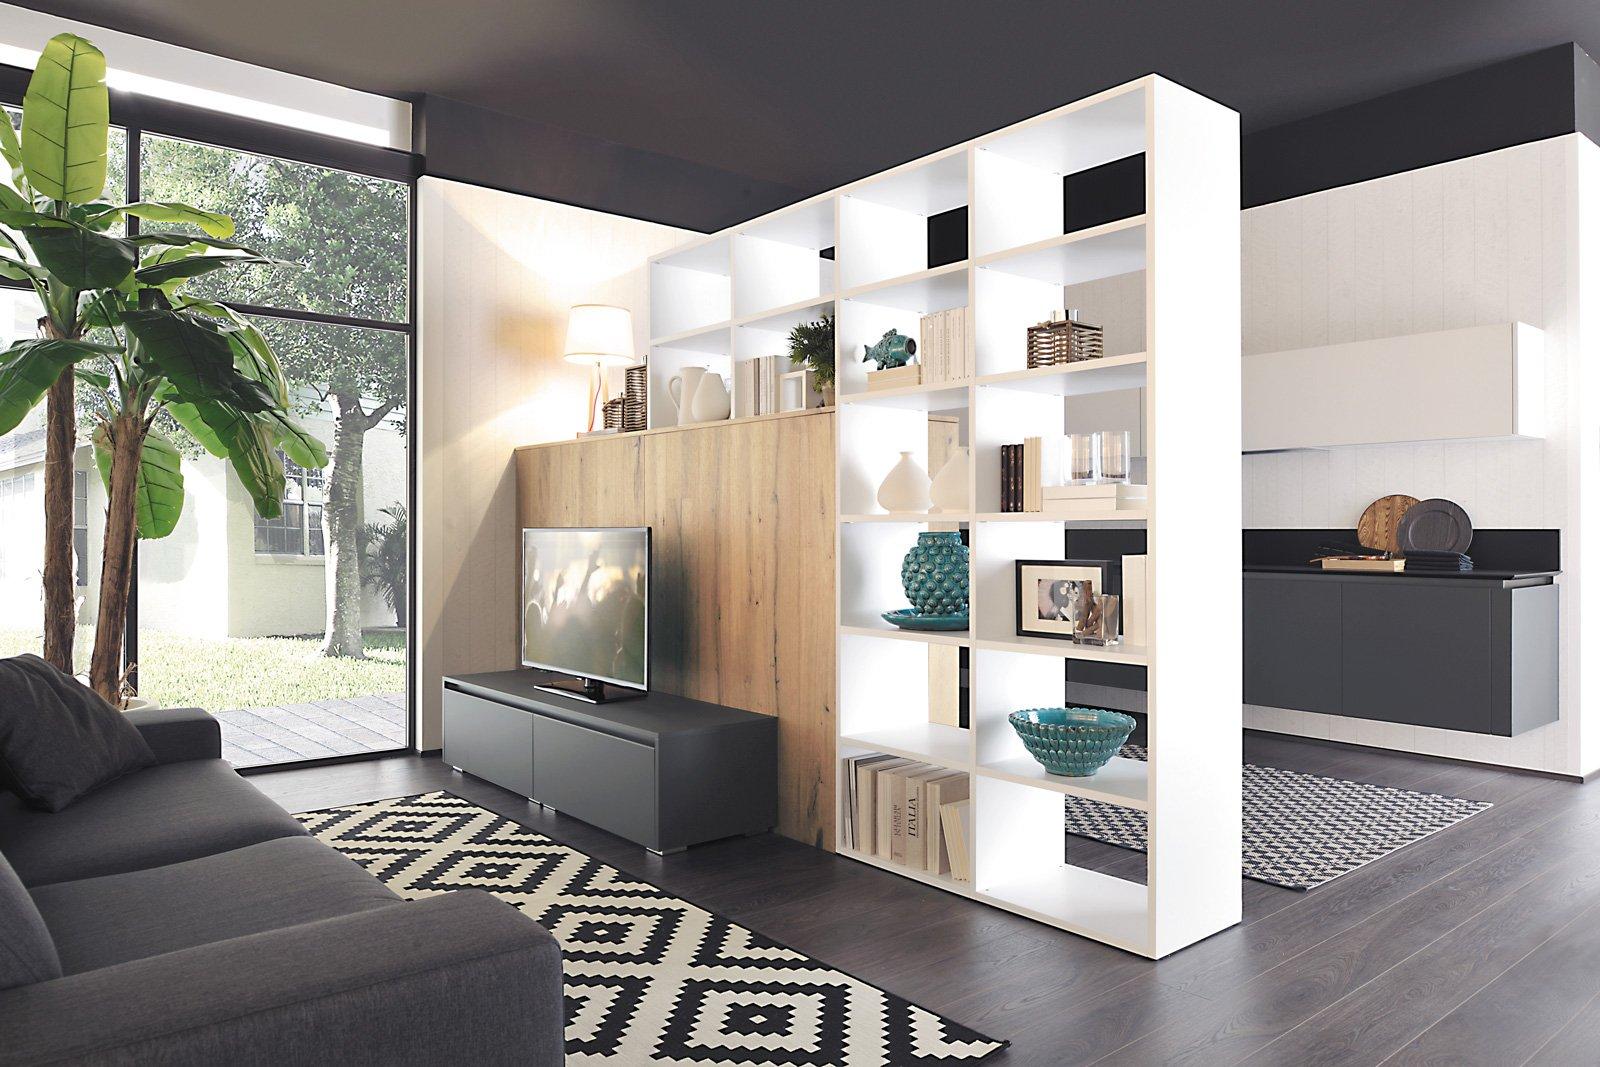 Librerie pareti attrezzate multifunzione cose di casa for Scavolini pareti attrezzate